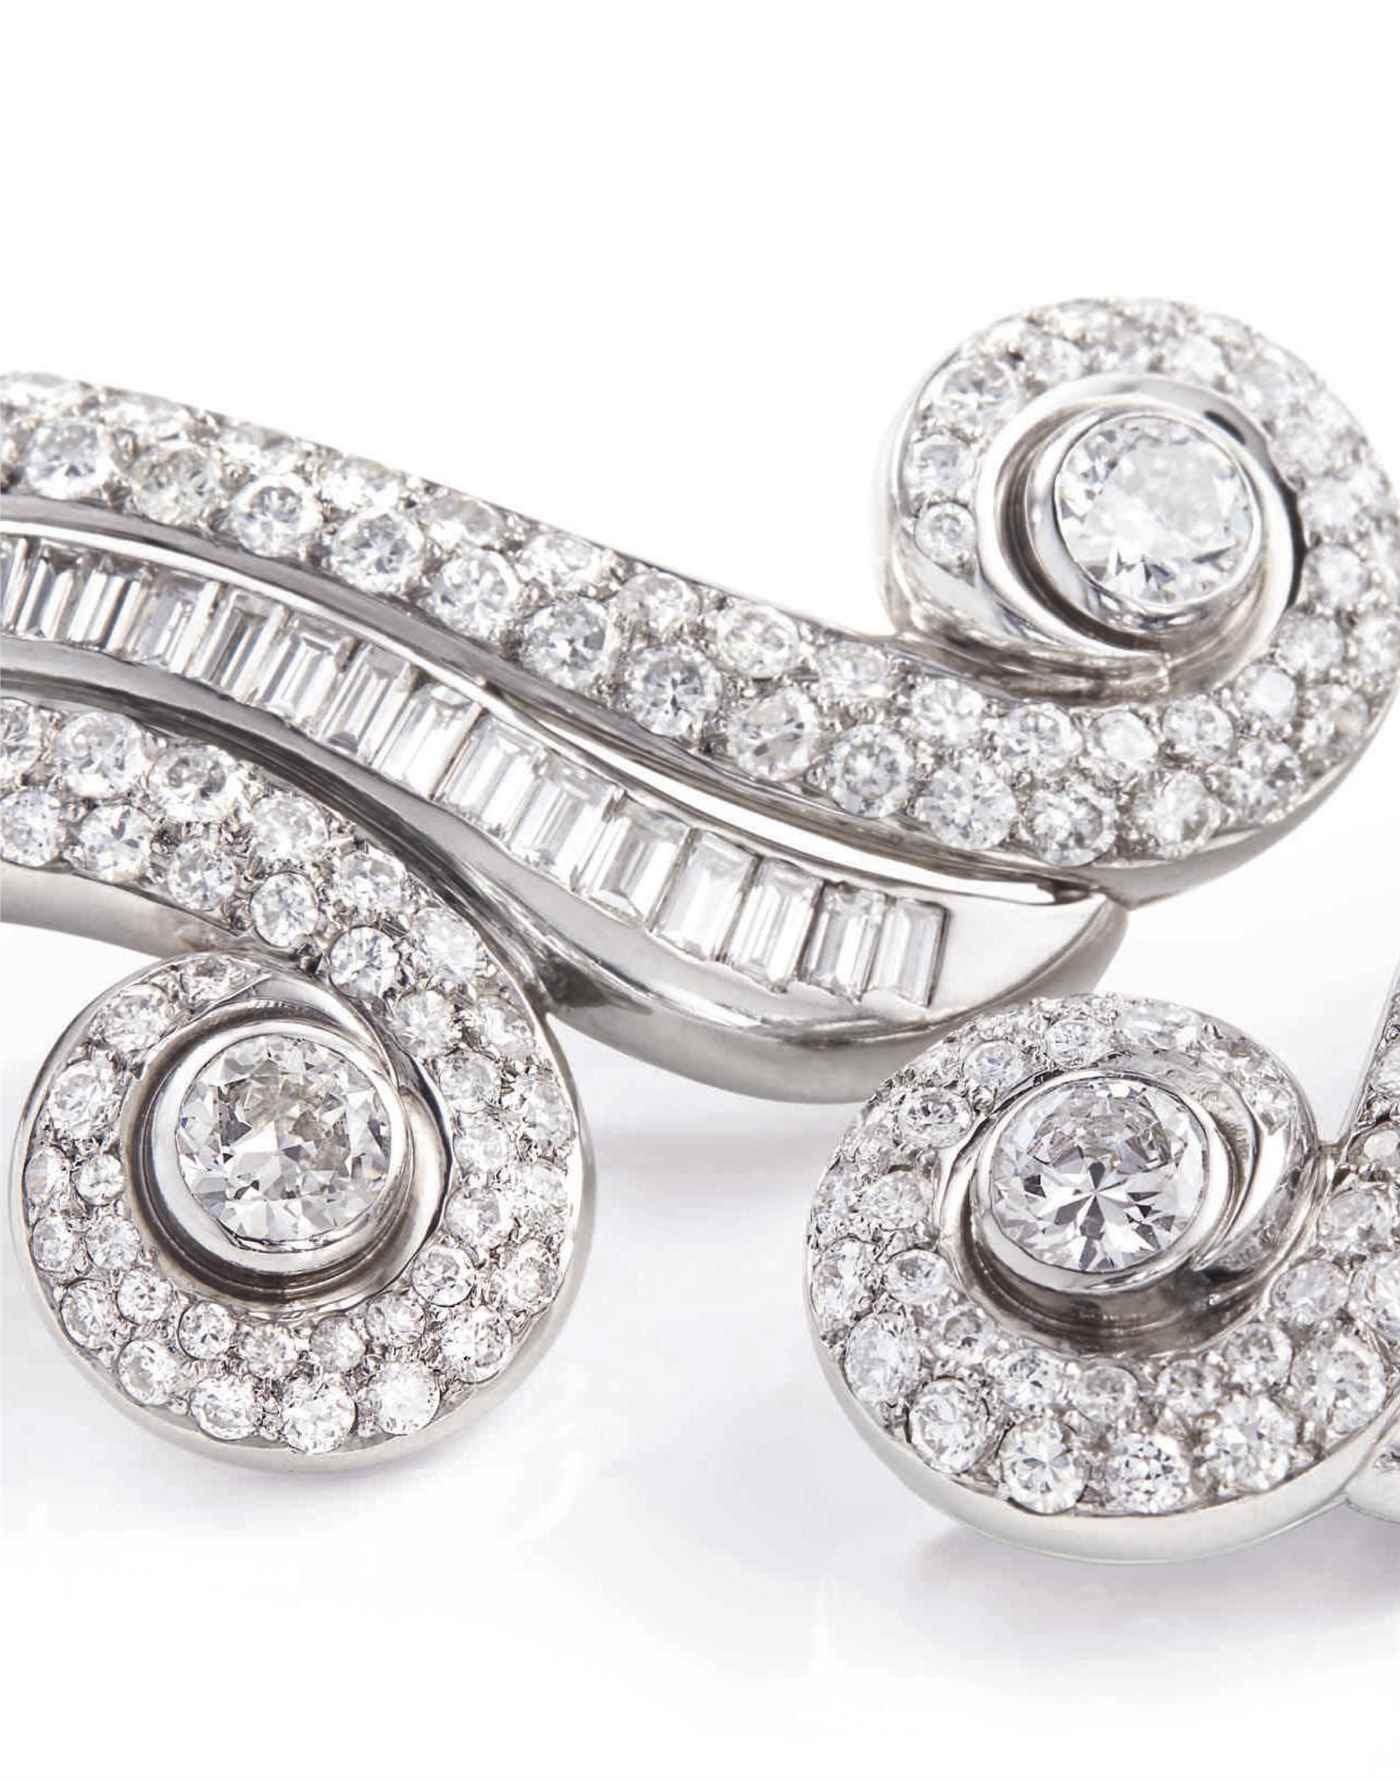 Paris Jewels auction at Christies